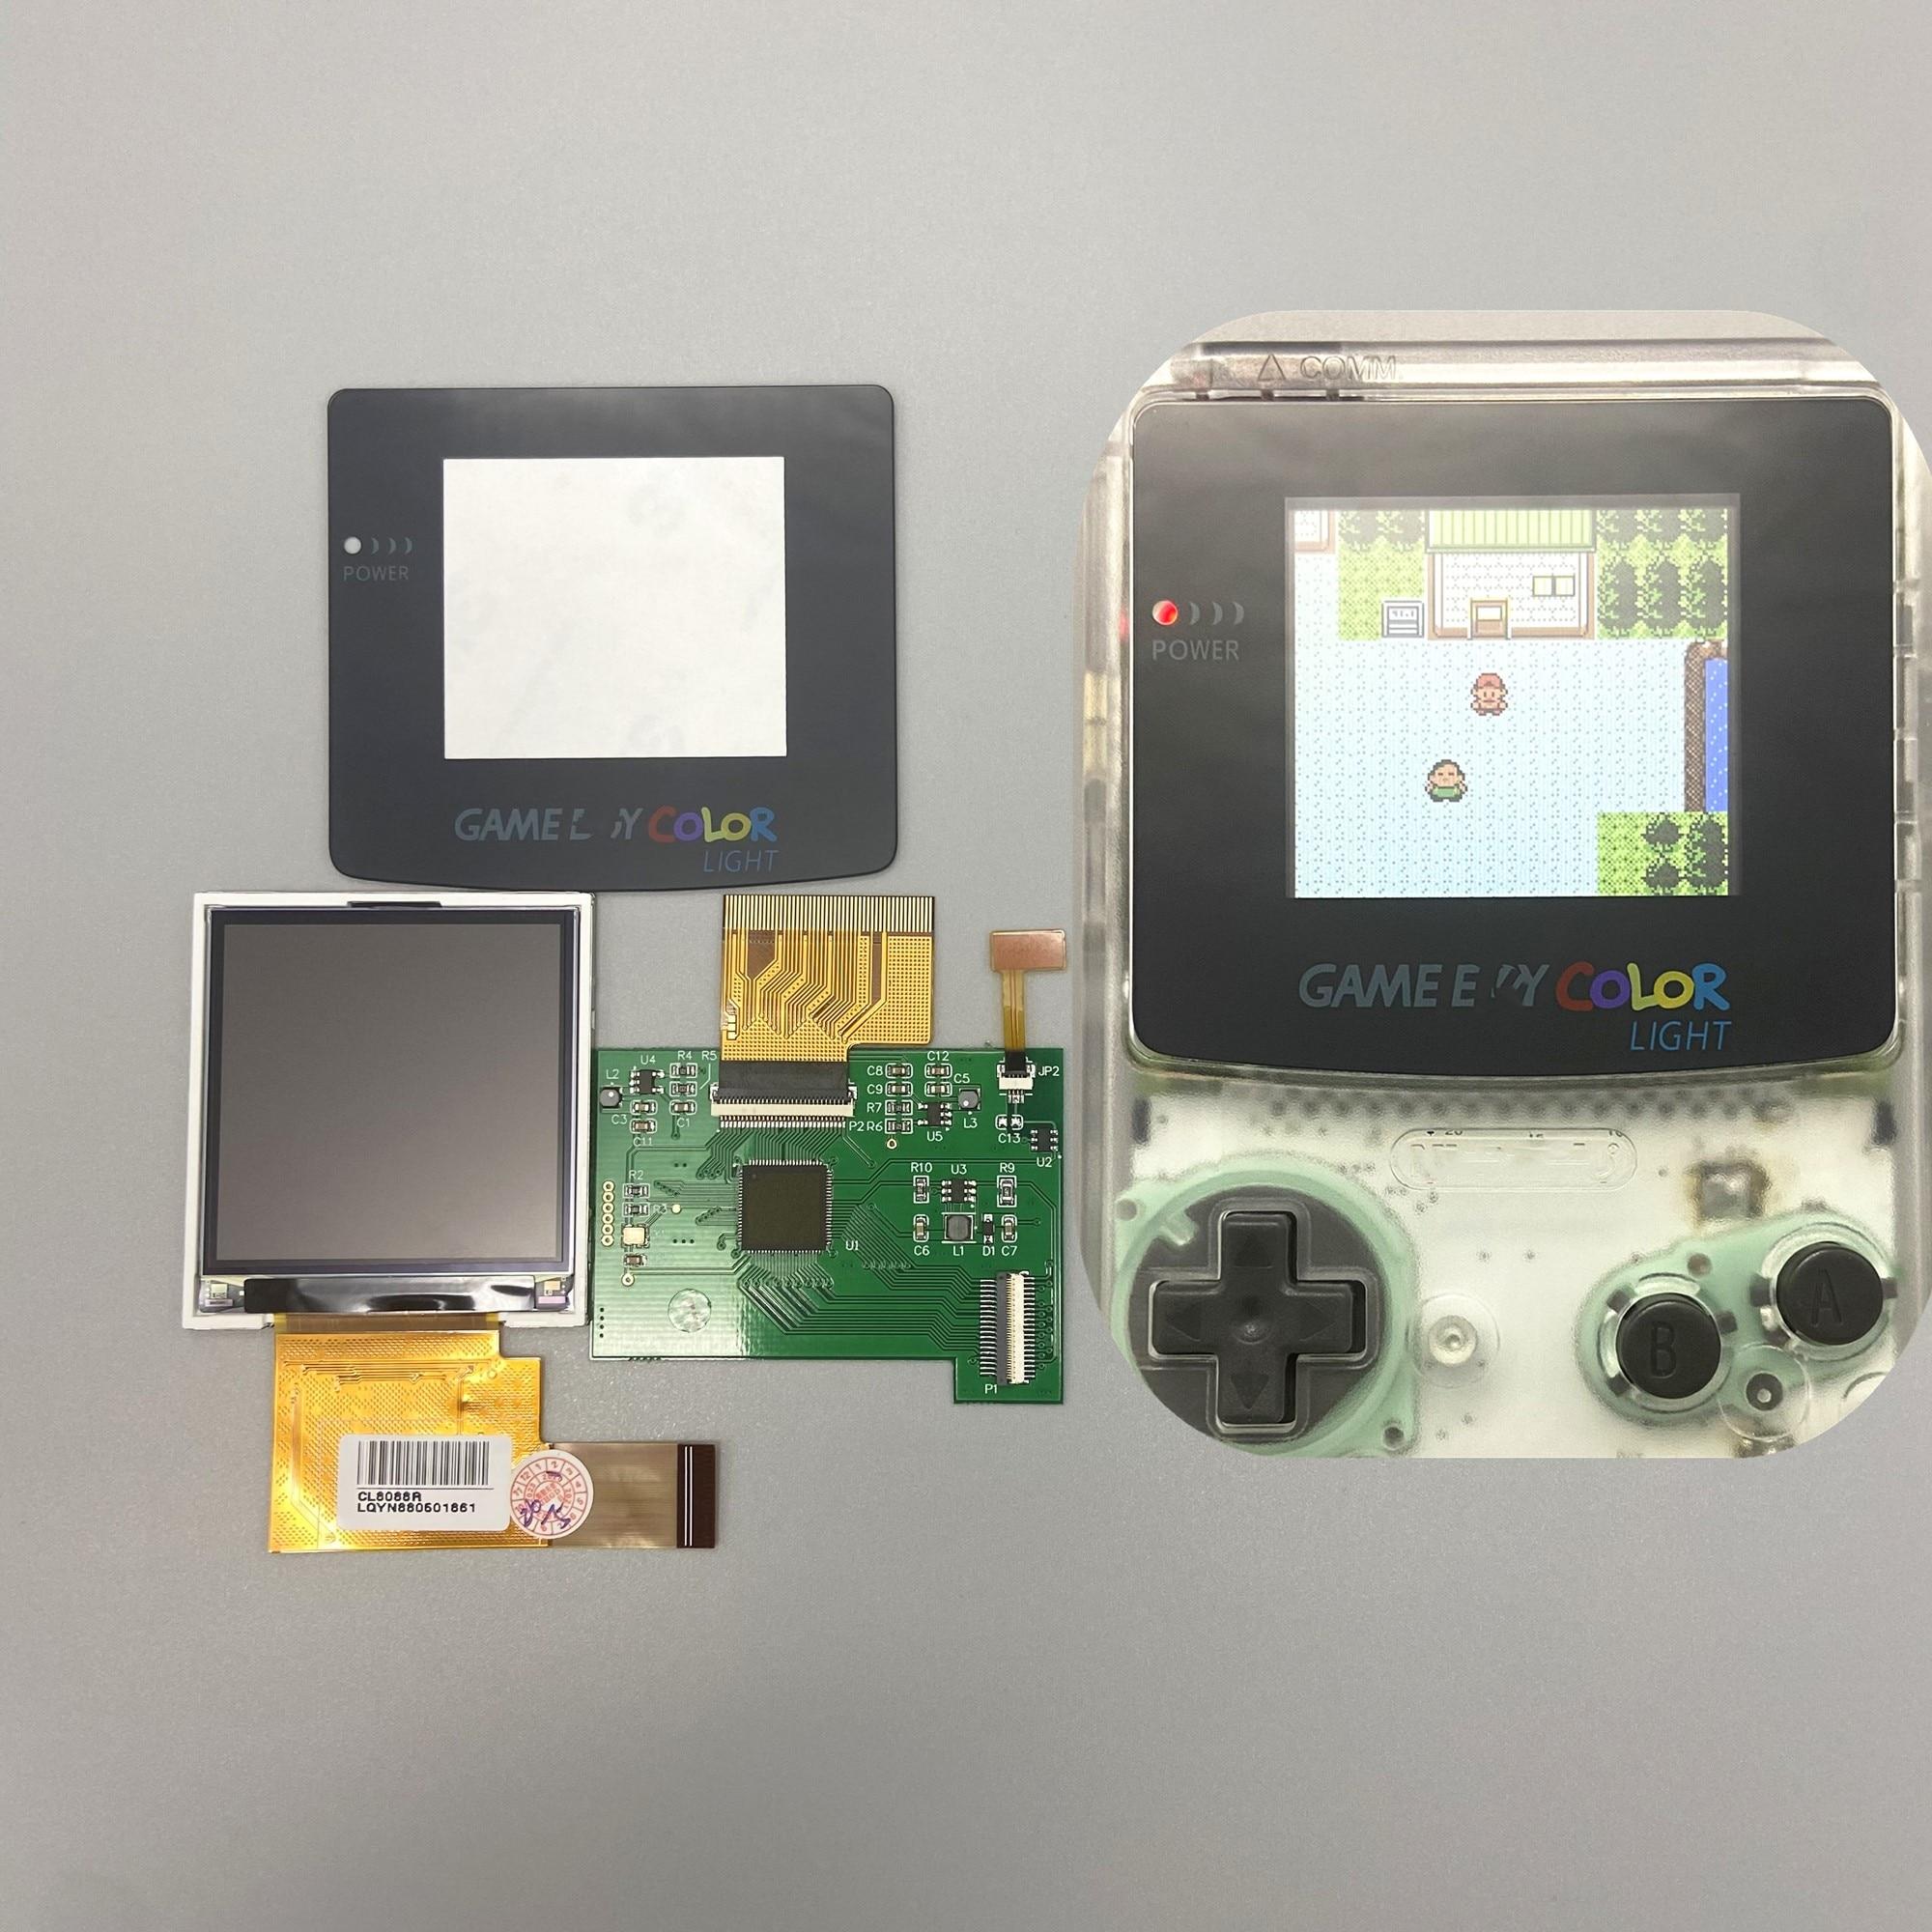 2.2 بوصة GBC LCD شاشة إل سي دي عالية الإضاءة شاشة ل Gameboy اللون GBC ، التوصيل والتشغيل دون لحام وقطع قذيفة.